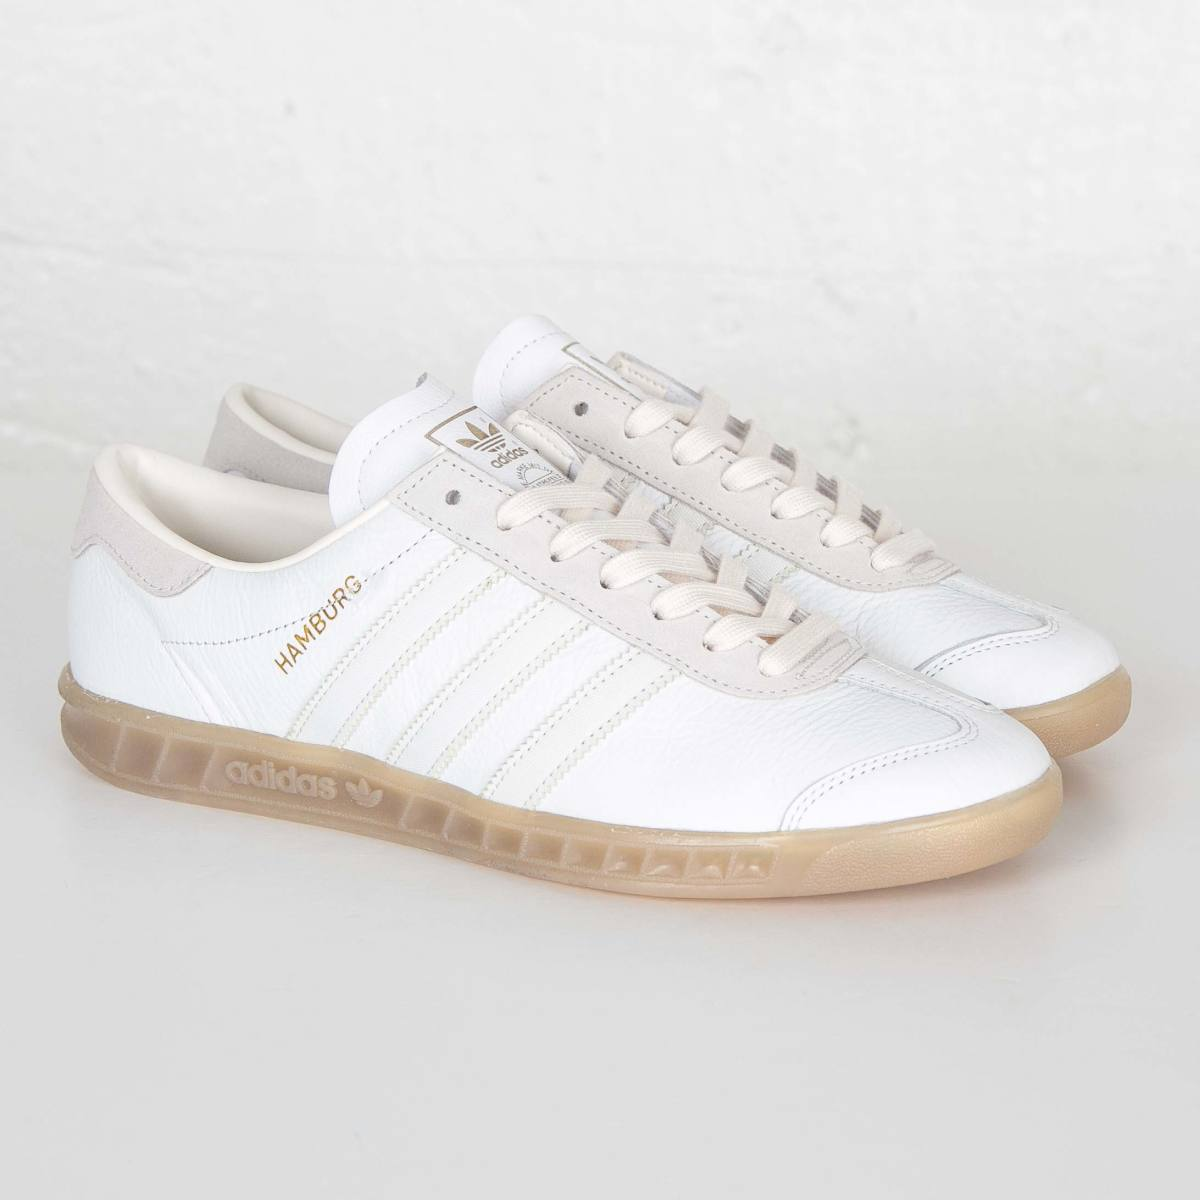 Sneakersnstuff